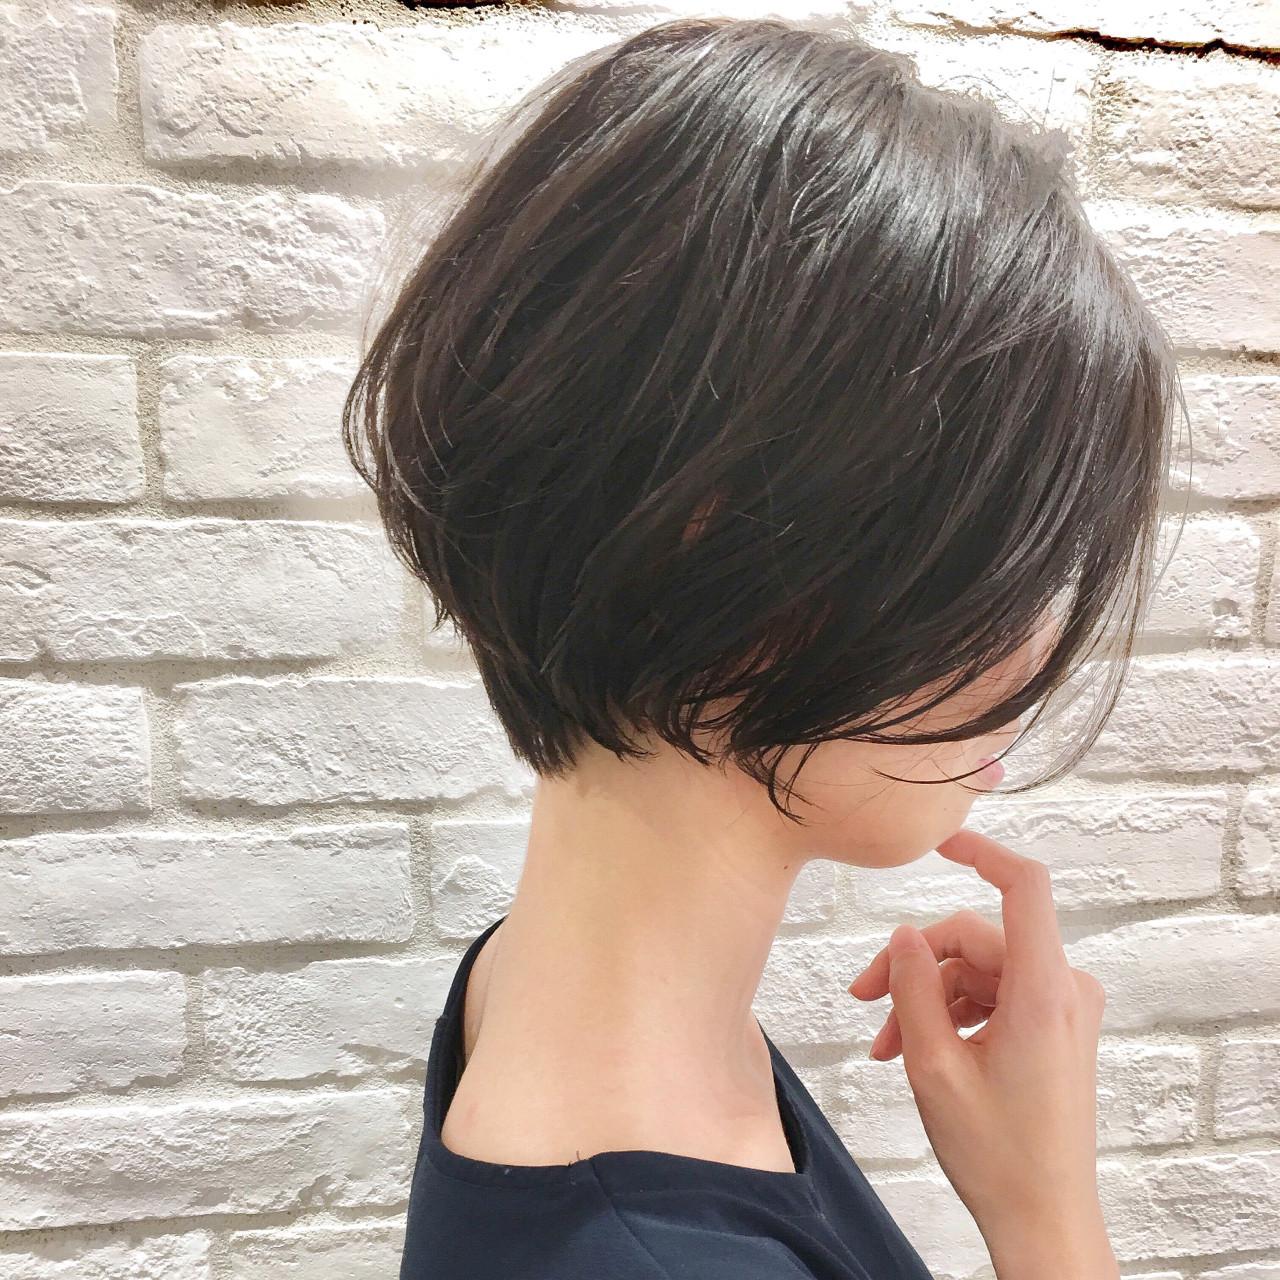 ウエイト低めの やや前下がりで 前髪長めが✨最近の僕のおススメです☺️ ・ 首が長く見えて、小顔に見える、スタイリング簡単なスタイルです☺︎✂︎? ・  ・ ご覧頂きありがとうございます? Ramie omotesando でスタイリストをやらせていただいてます山内大成です!✨ (表参道駅から徒歩10秒?です!) ・ hair.make(@ramie_tonsoku) ヘアだけでなくメイクアップもしているからこそトータルビューティーの目線でスタイルを作ります?☺️ ・ ******************* ・ 収まりが良く、簡単にスタイリングできる、乾かしただけでふわっとかわいい質感、束感が自然にできるヘアスタイル☺︎✂︎ 一人一人に似合ったスタイルを提案できますように丁寧にカウンセリング、施術、仕上げをさせていただきます✨ ・ 今まで叶わなかったヘアスタイルを提案、実現できるように全力で頑張ります(^-^)/ ・ ******************* ・ ・ ・ *毛量が多い *癖で広がる *収まりが悪い *小顔になりたい *美容院に迷ってる *スタイリングが難しい バッサリカットも気軽にご予約ご相談ください❣️ ・ 【インスタフォローしてご提示ください☆☆☆】 ・ ・ ・ ○○○ ご予約方法 ○○○ ネットでのご予約が大変取りづらくなっております‼️ 【 × 】しかない場合はお電話(☎️0357754300) インスタからダイレクトメール?も可能です! ○○○○○○○○○○○○ ・ ・ ・ GARDEN Ramie omotesando  東京都港区南青山3-18-11 ヴァンセットビル4F tel. 03-5775-4300 http://ramie-hair.jp/ 火・水 11:00 ~ 20:30木・金 11:30 ~ 21:00 土・日 10:00 ~ 19:00 祝 日 10:00 ~ 19:00 月曜日 定休 ・ ・ ・ #iPhone美容師#ショートボブの匠#ミディアム も得意 好きなのは #ロング#GARDEN#Ramie#サイドシルエット#愛され#小顔#mery#TOKYO#メイク#カット#ピンク#撮影#tonsoku#ar#アール#ブルージュ#ボブ#前下がり #ショート#ショートヘア#ショートボブ#メイク#gu#snidel #코디#เสื้อผ้าแฟชั่น#時尚#インスタ映え